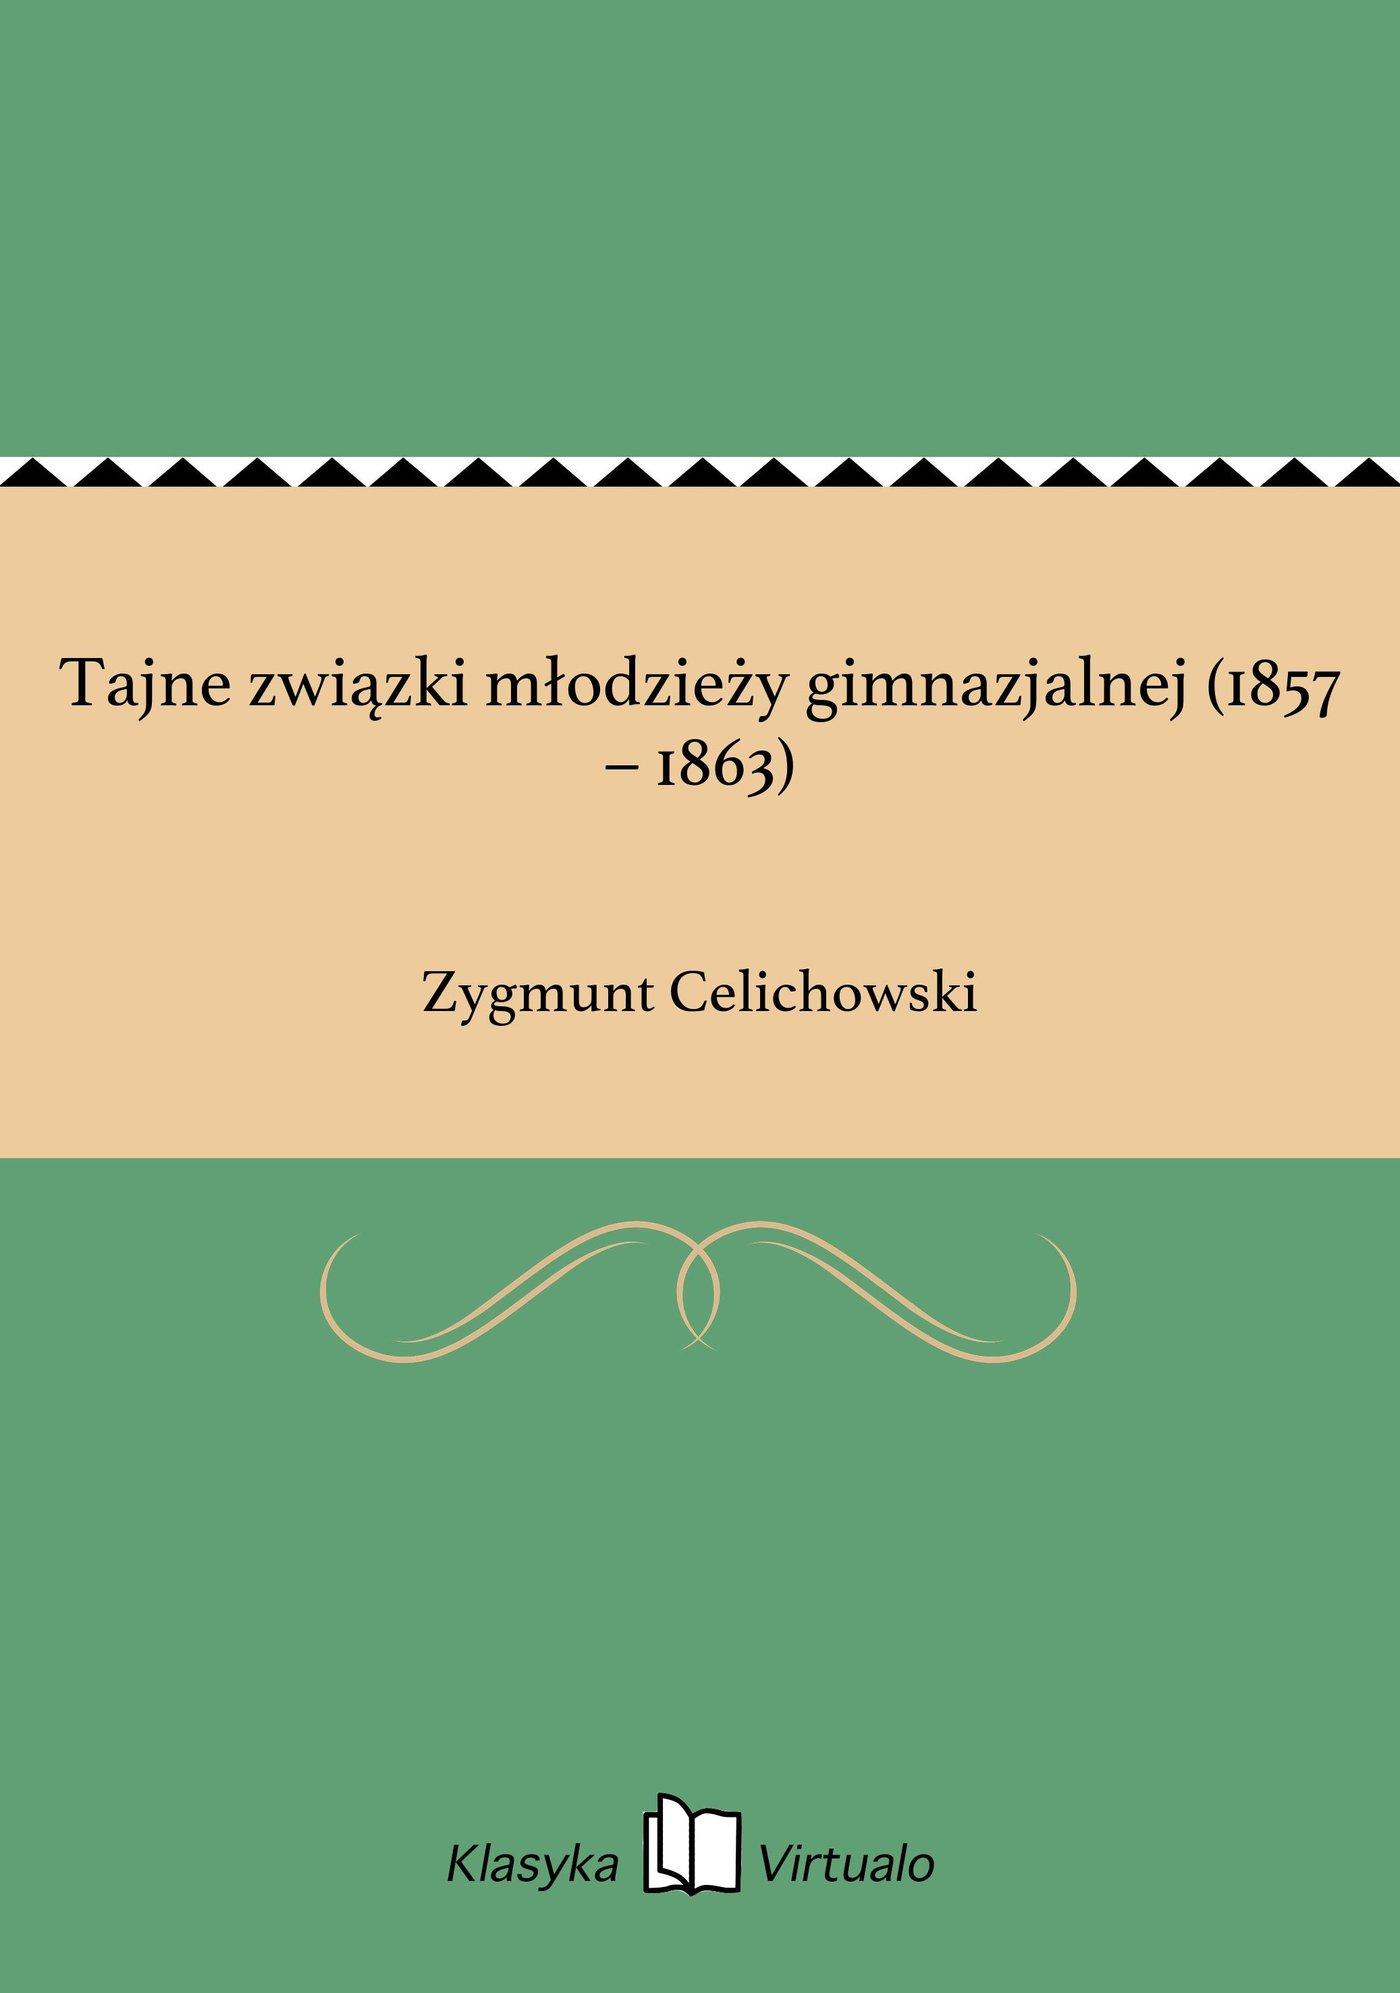 Tajne związki młodzieży gimnazjalnej (1857 – 1863) - Ebook (Książka EPUB) do pobrania w formacie EPUB